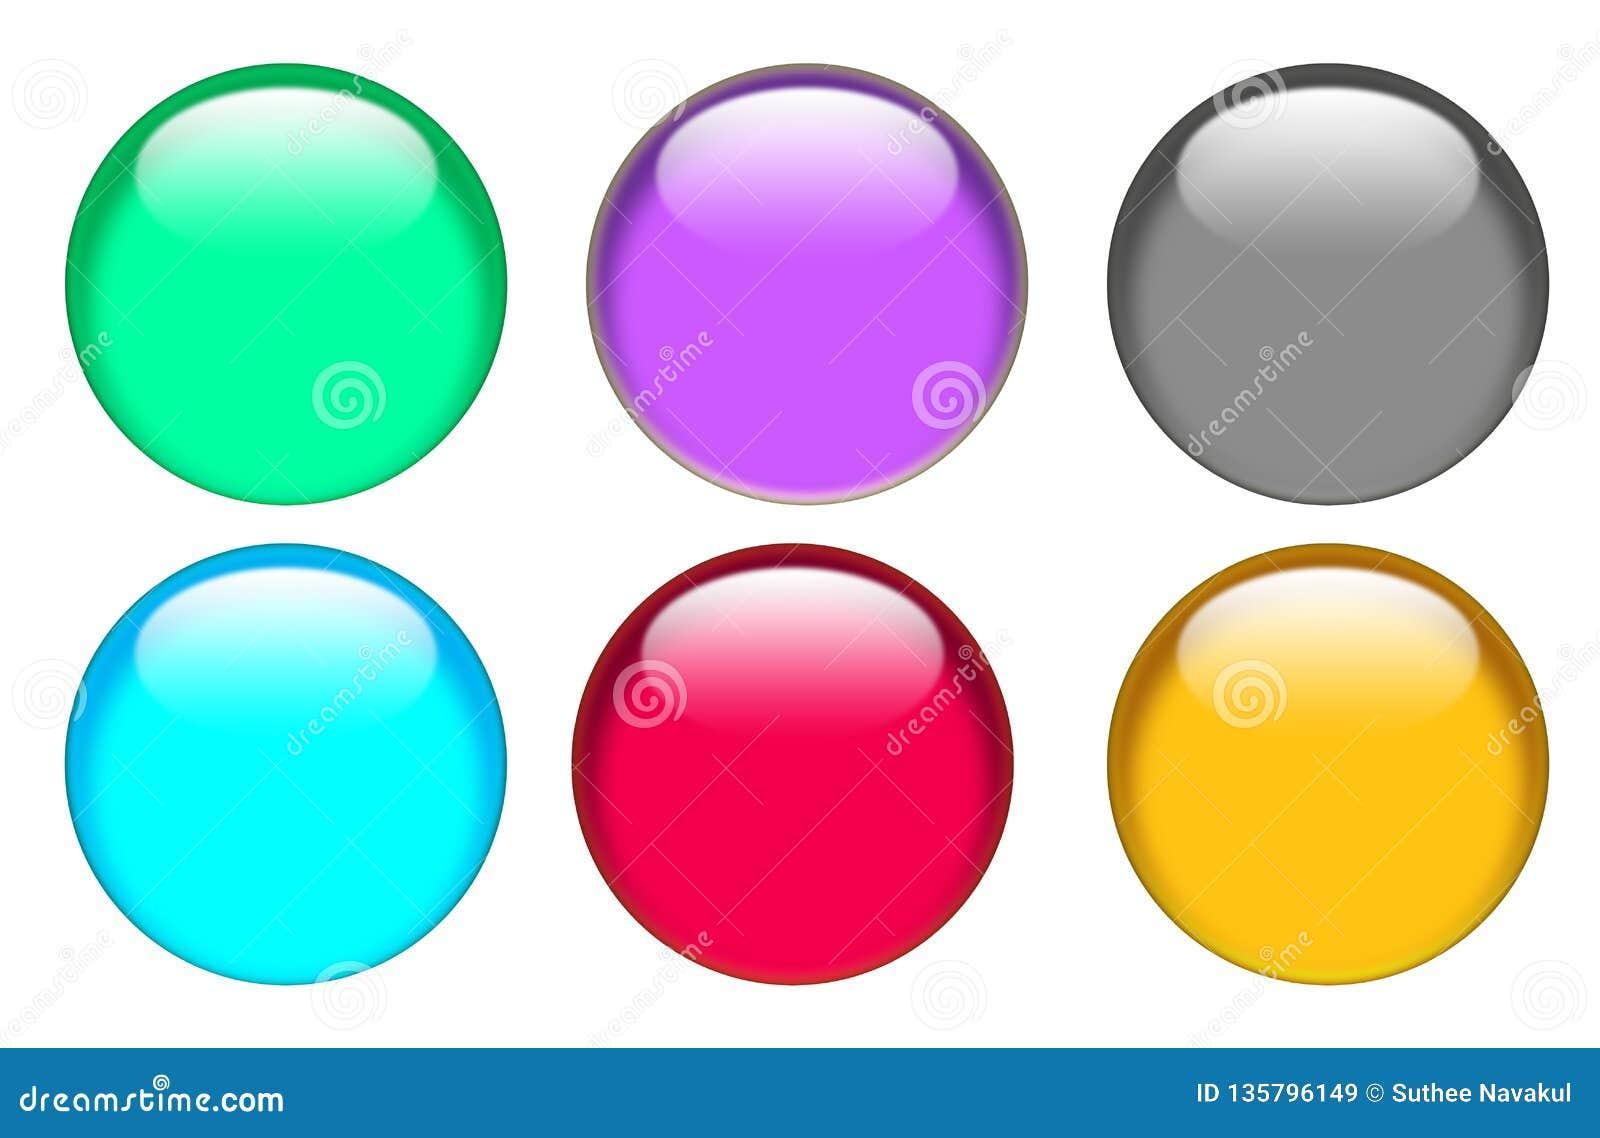 Het pictogram van de Webknoop op witte achtergrond knoop voor uw websiteontwerp, embleem, app, UI glazig knoop vastgesteld teken